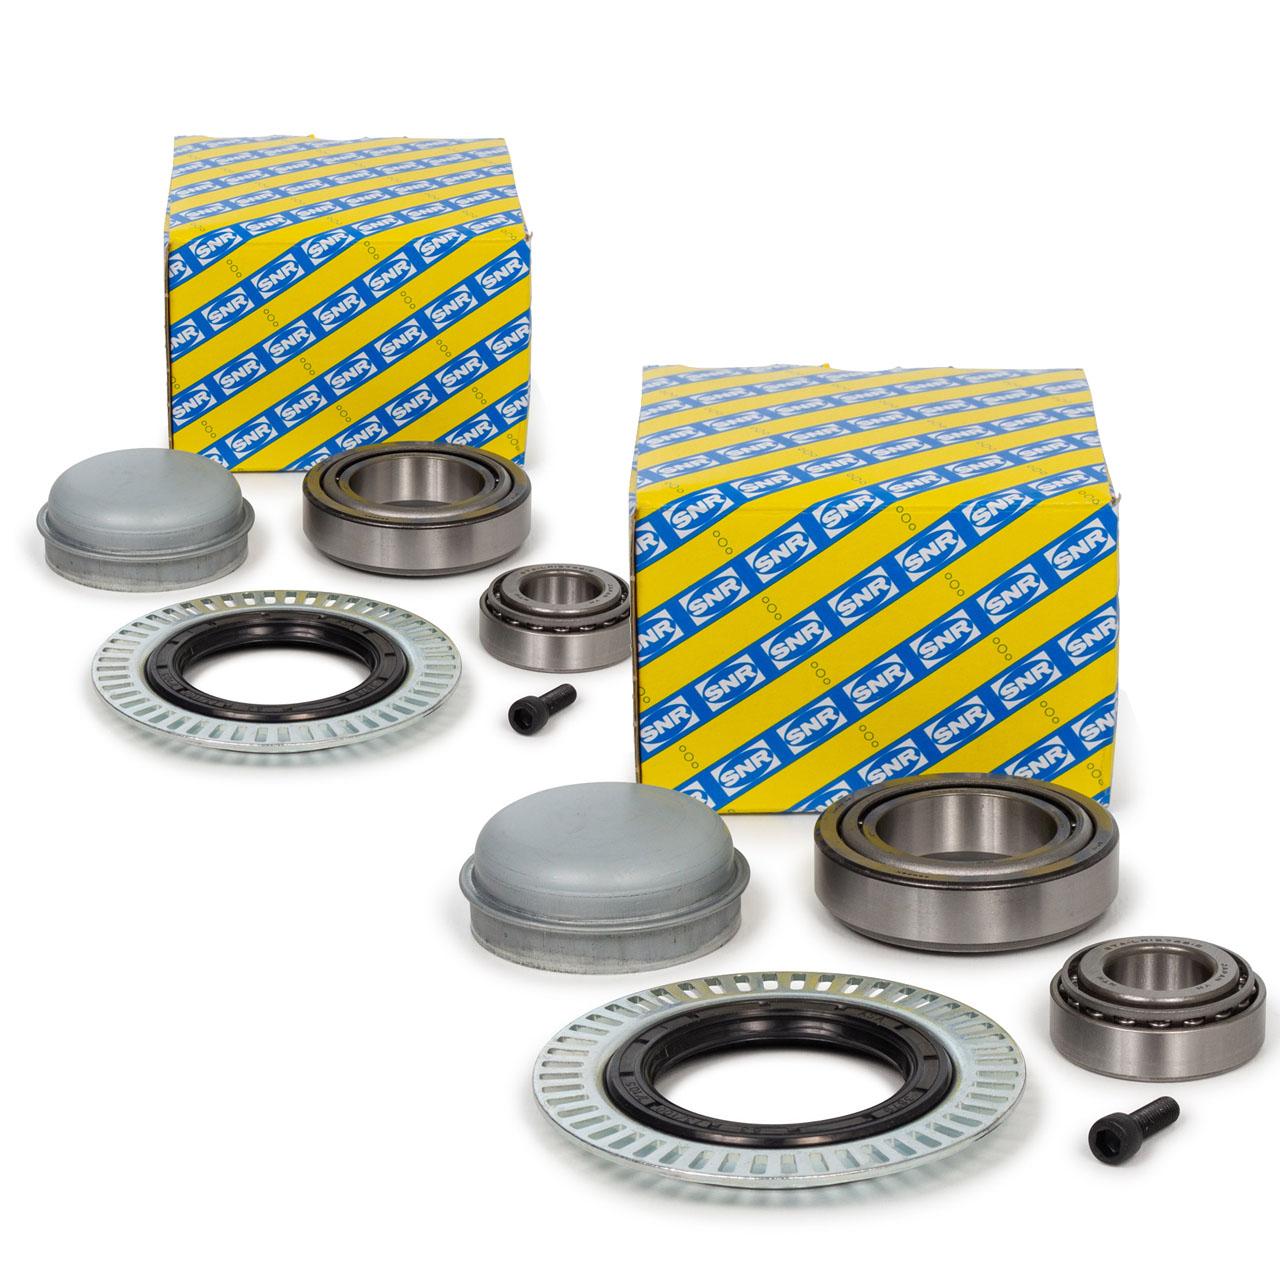 2x SNR R151.35 Radlagersatz MERCEDES-BENZ E-/S-Klasse W211 S211 W220 C215 vorne